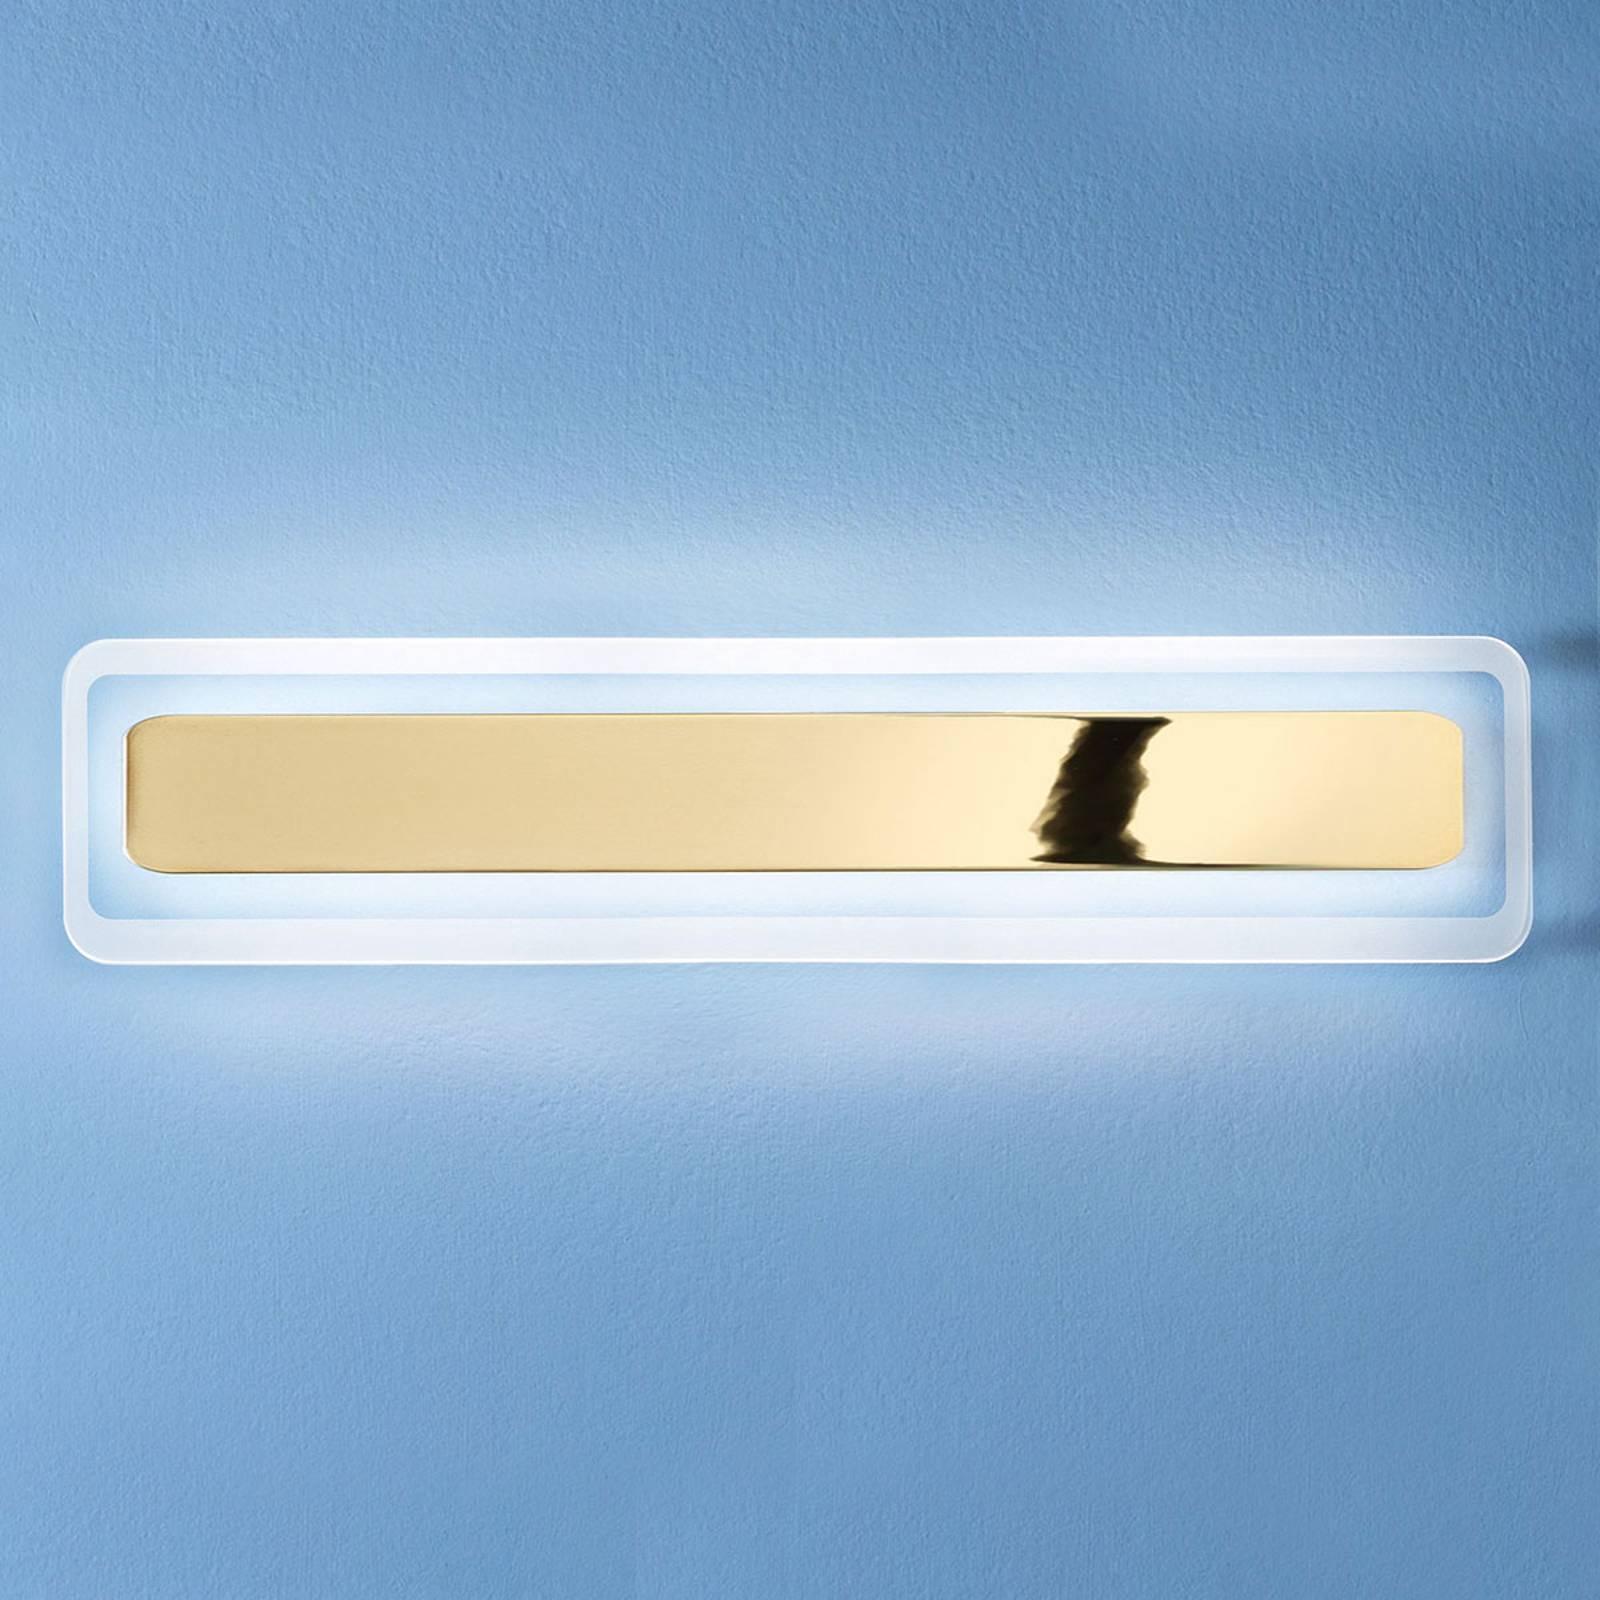 LED-seinävalaisin Antille, kulta, 61,4 cm